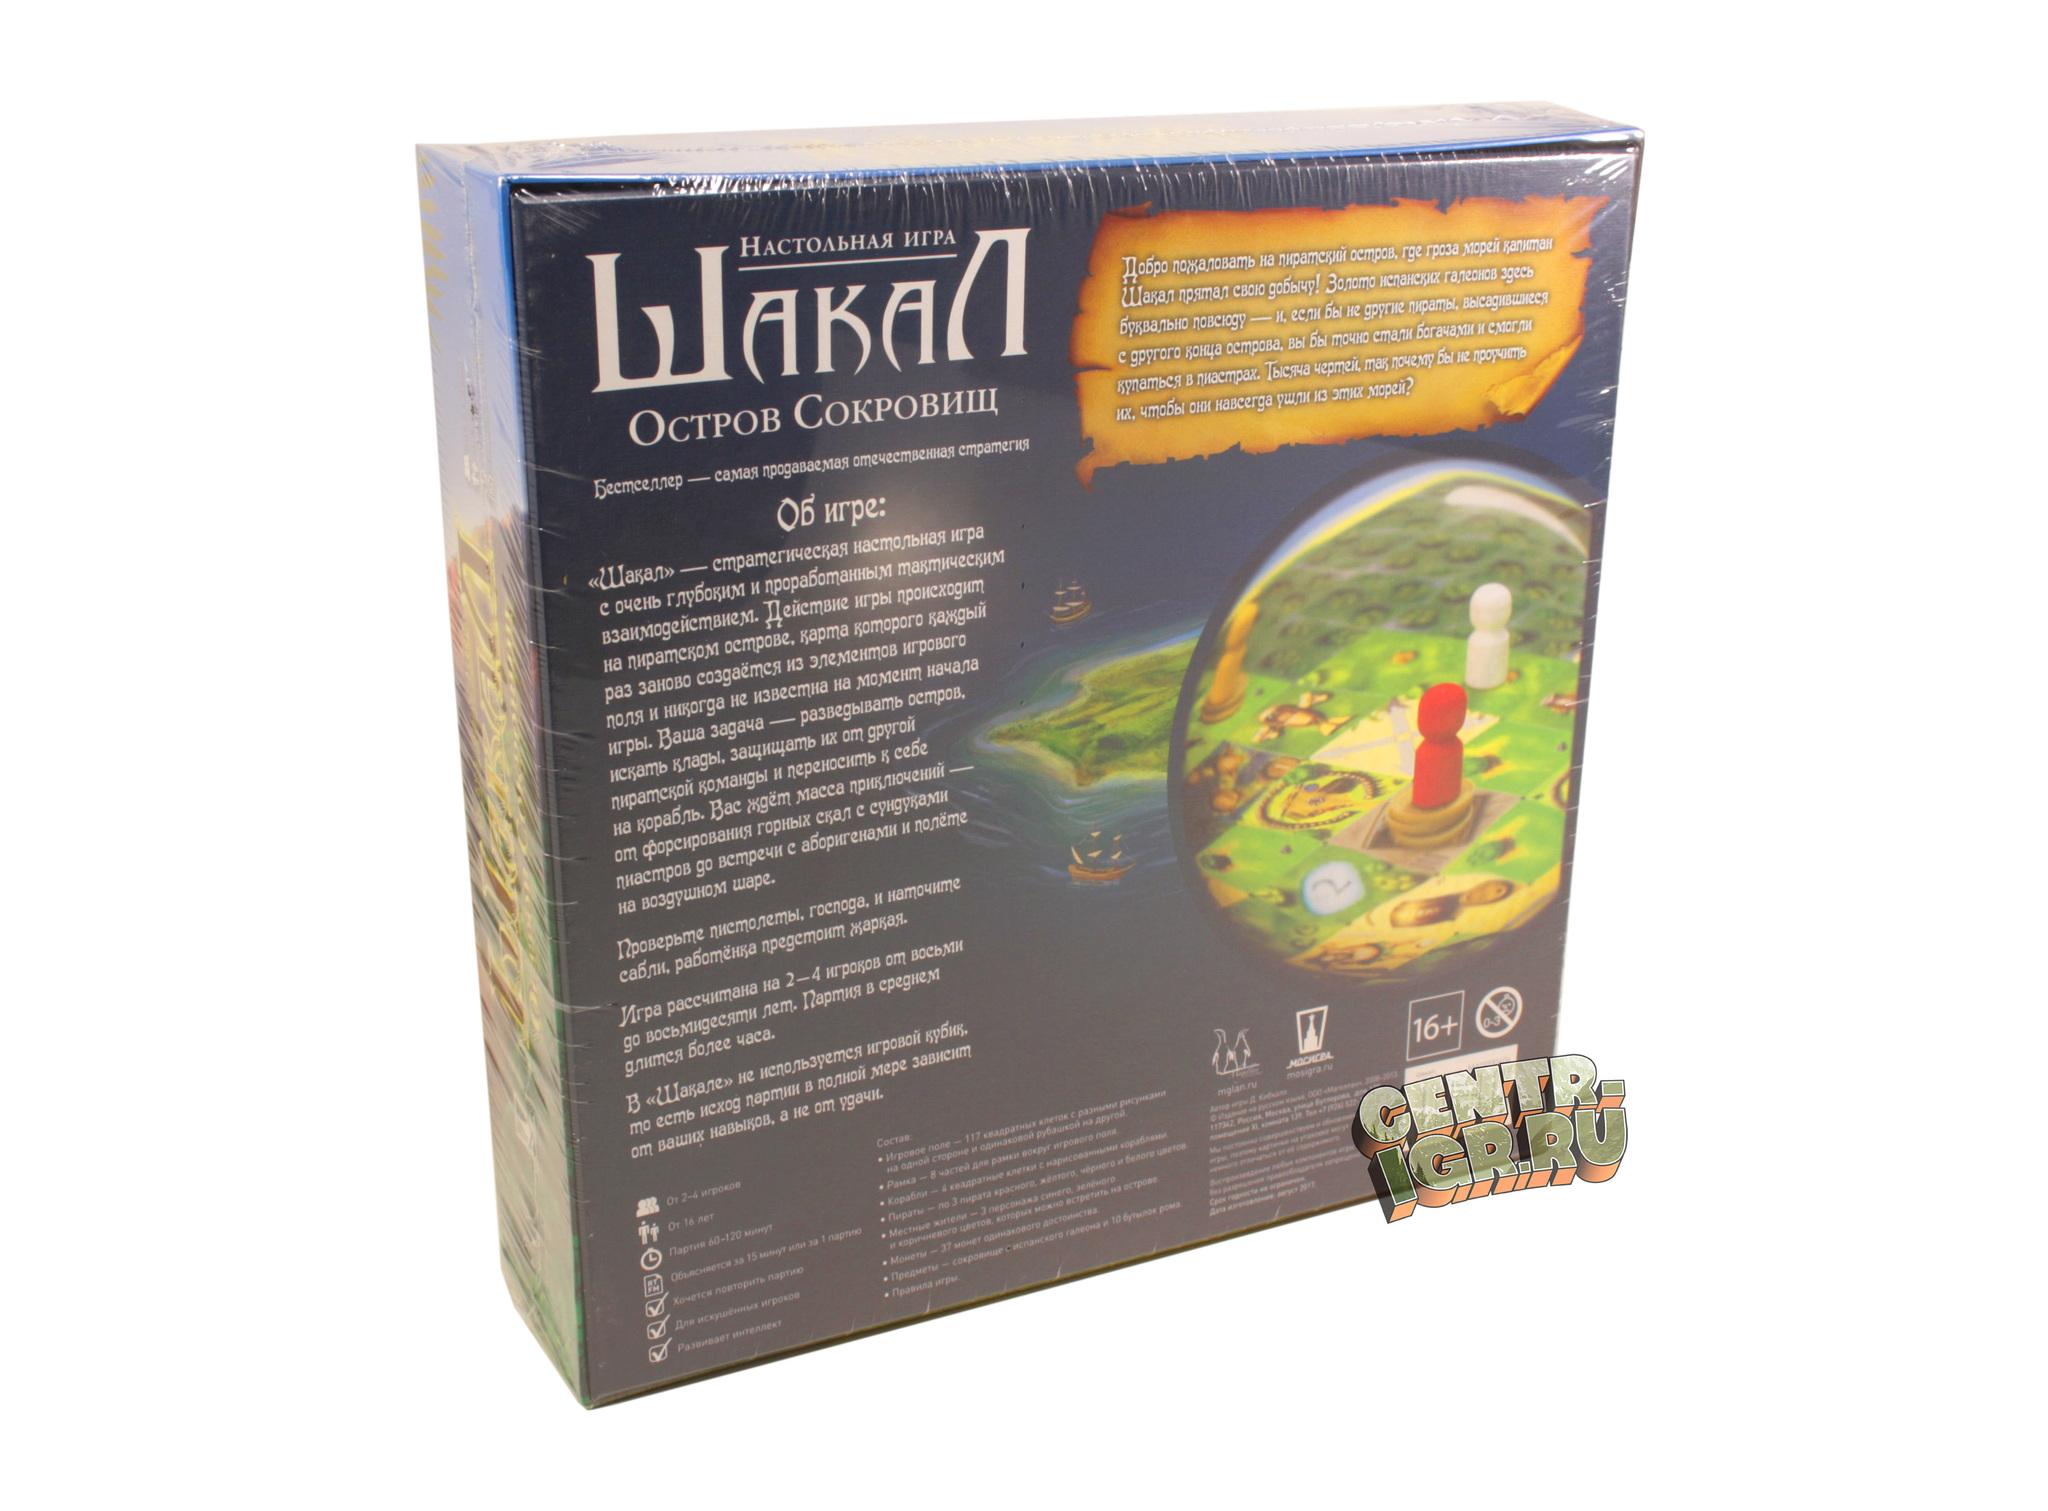 Настольная игра Шакал: Остров сокровищ (Jackal: Treasure Island) - КОРОБКА